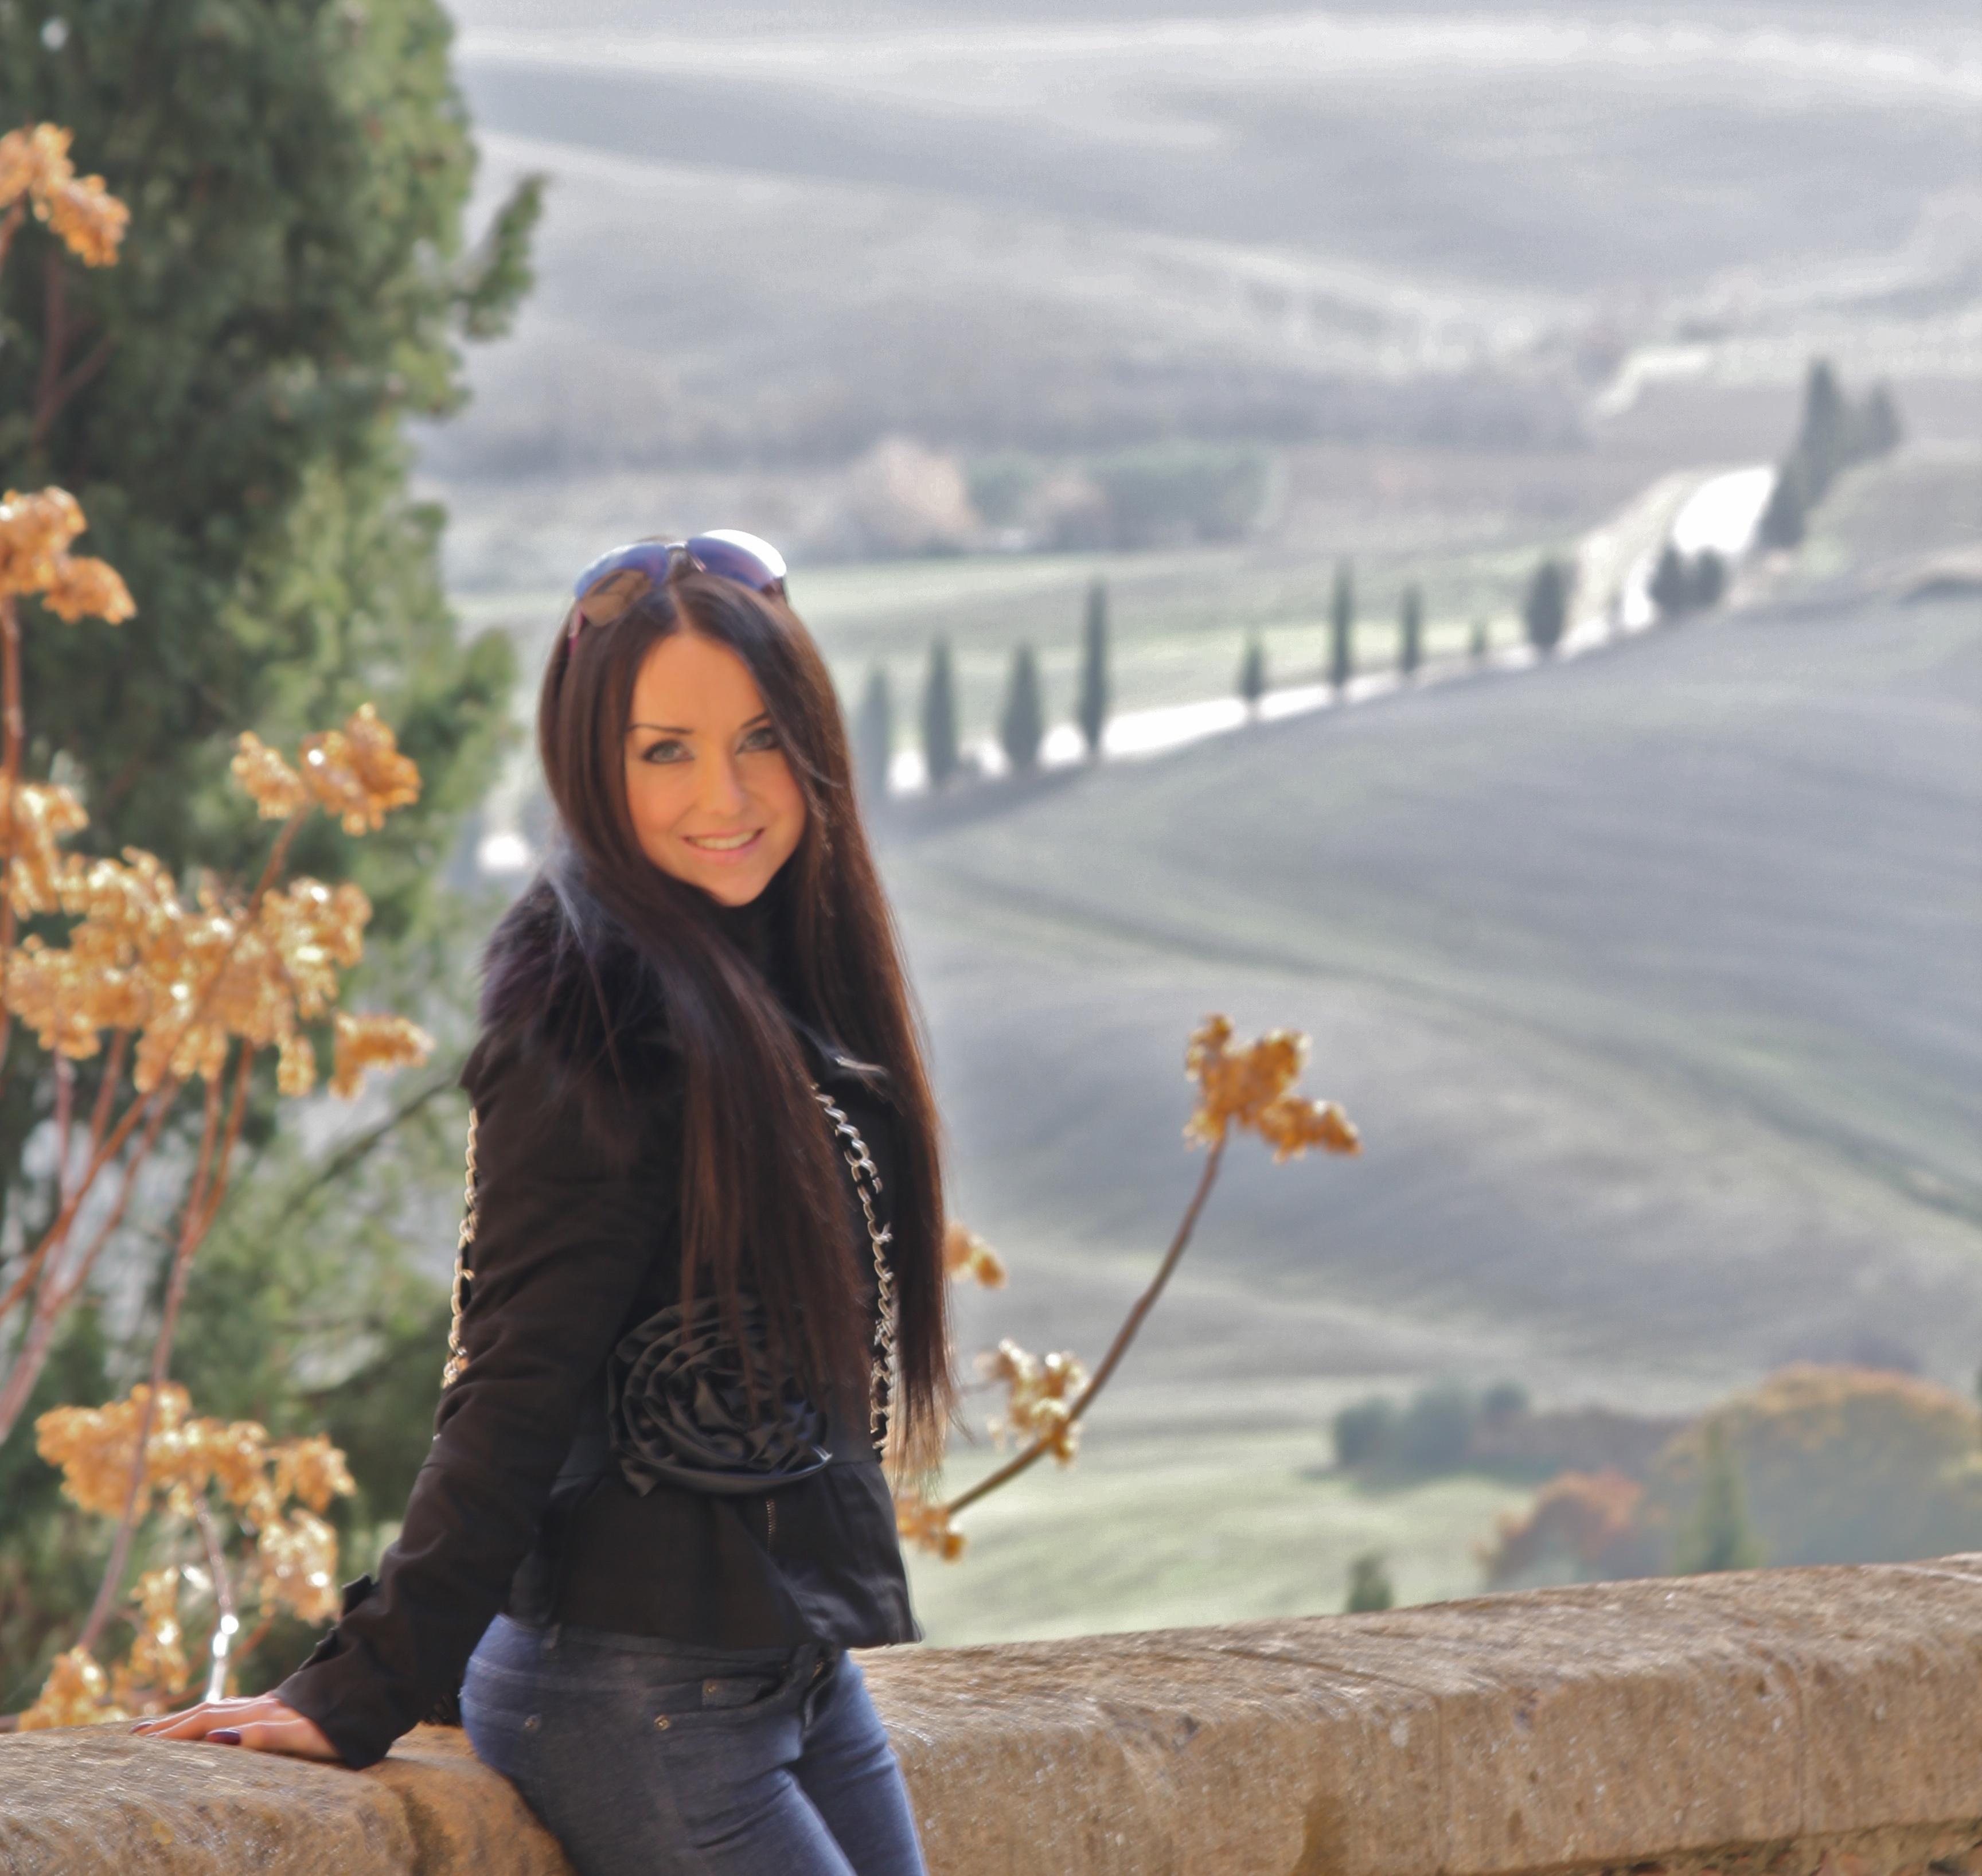 Частный гид экскурсовод по Флоренции Даша